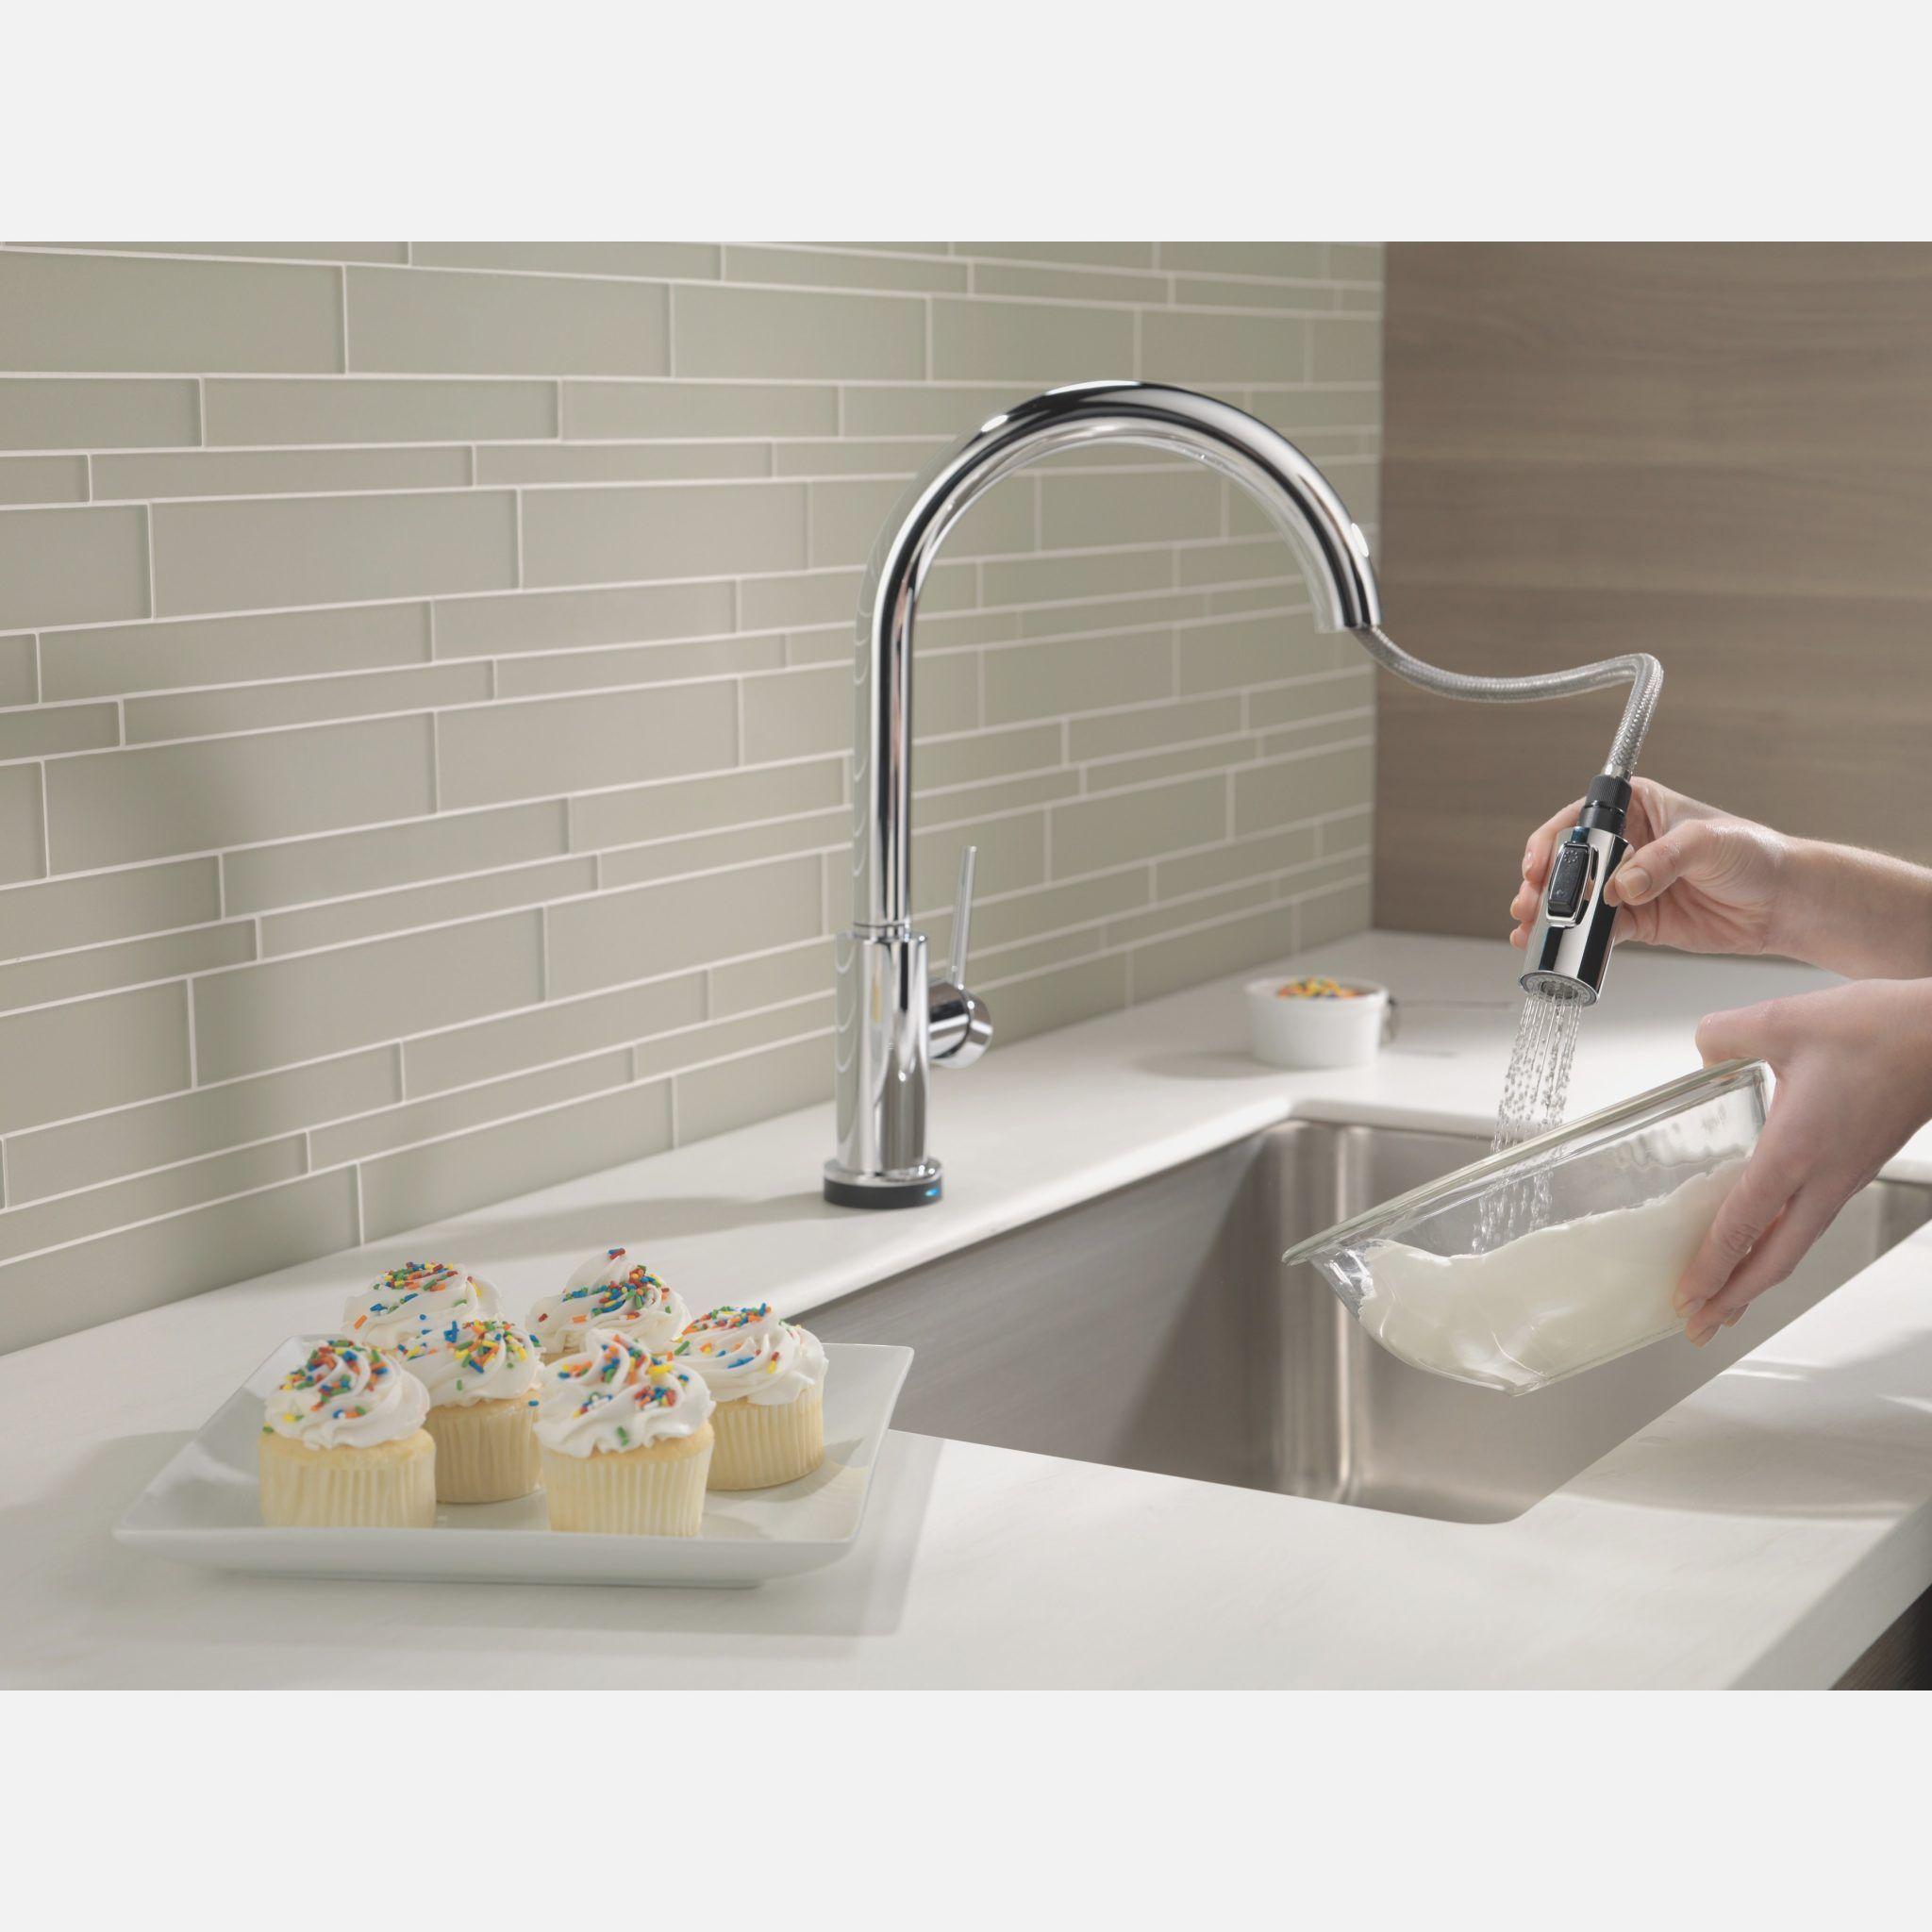 Exceptionnel Hansgrohe Talis C Kitchen Faucet   Hansgrohe Talis C Higharc Kitchen Faucet  Steel Optik, Hansgrohe Talis C Kitchen Faucet Ch, Hansgrohe Talis C Kitchen  ...